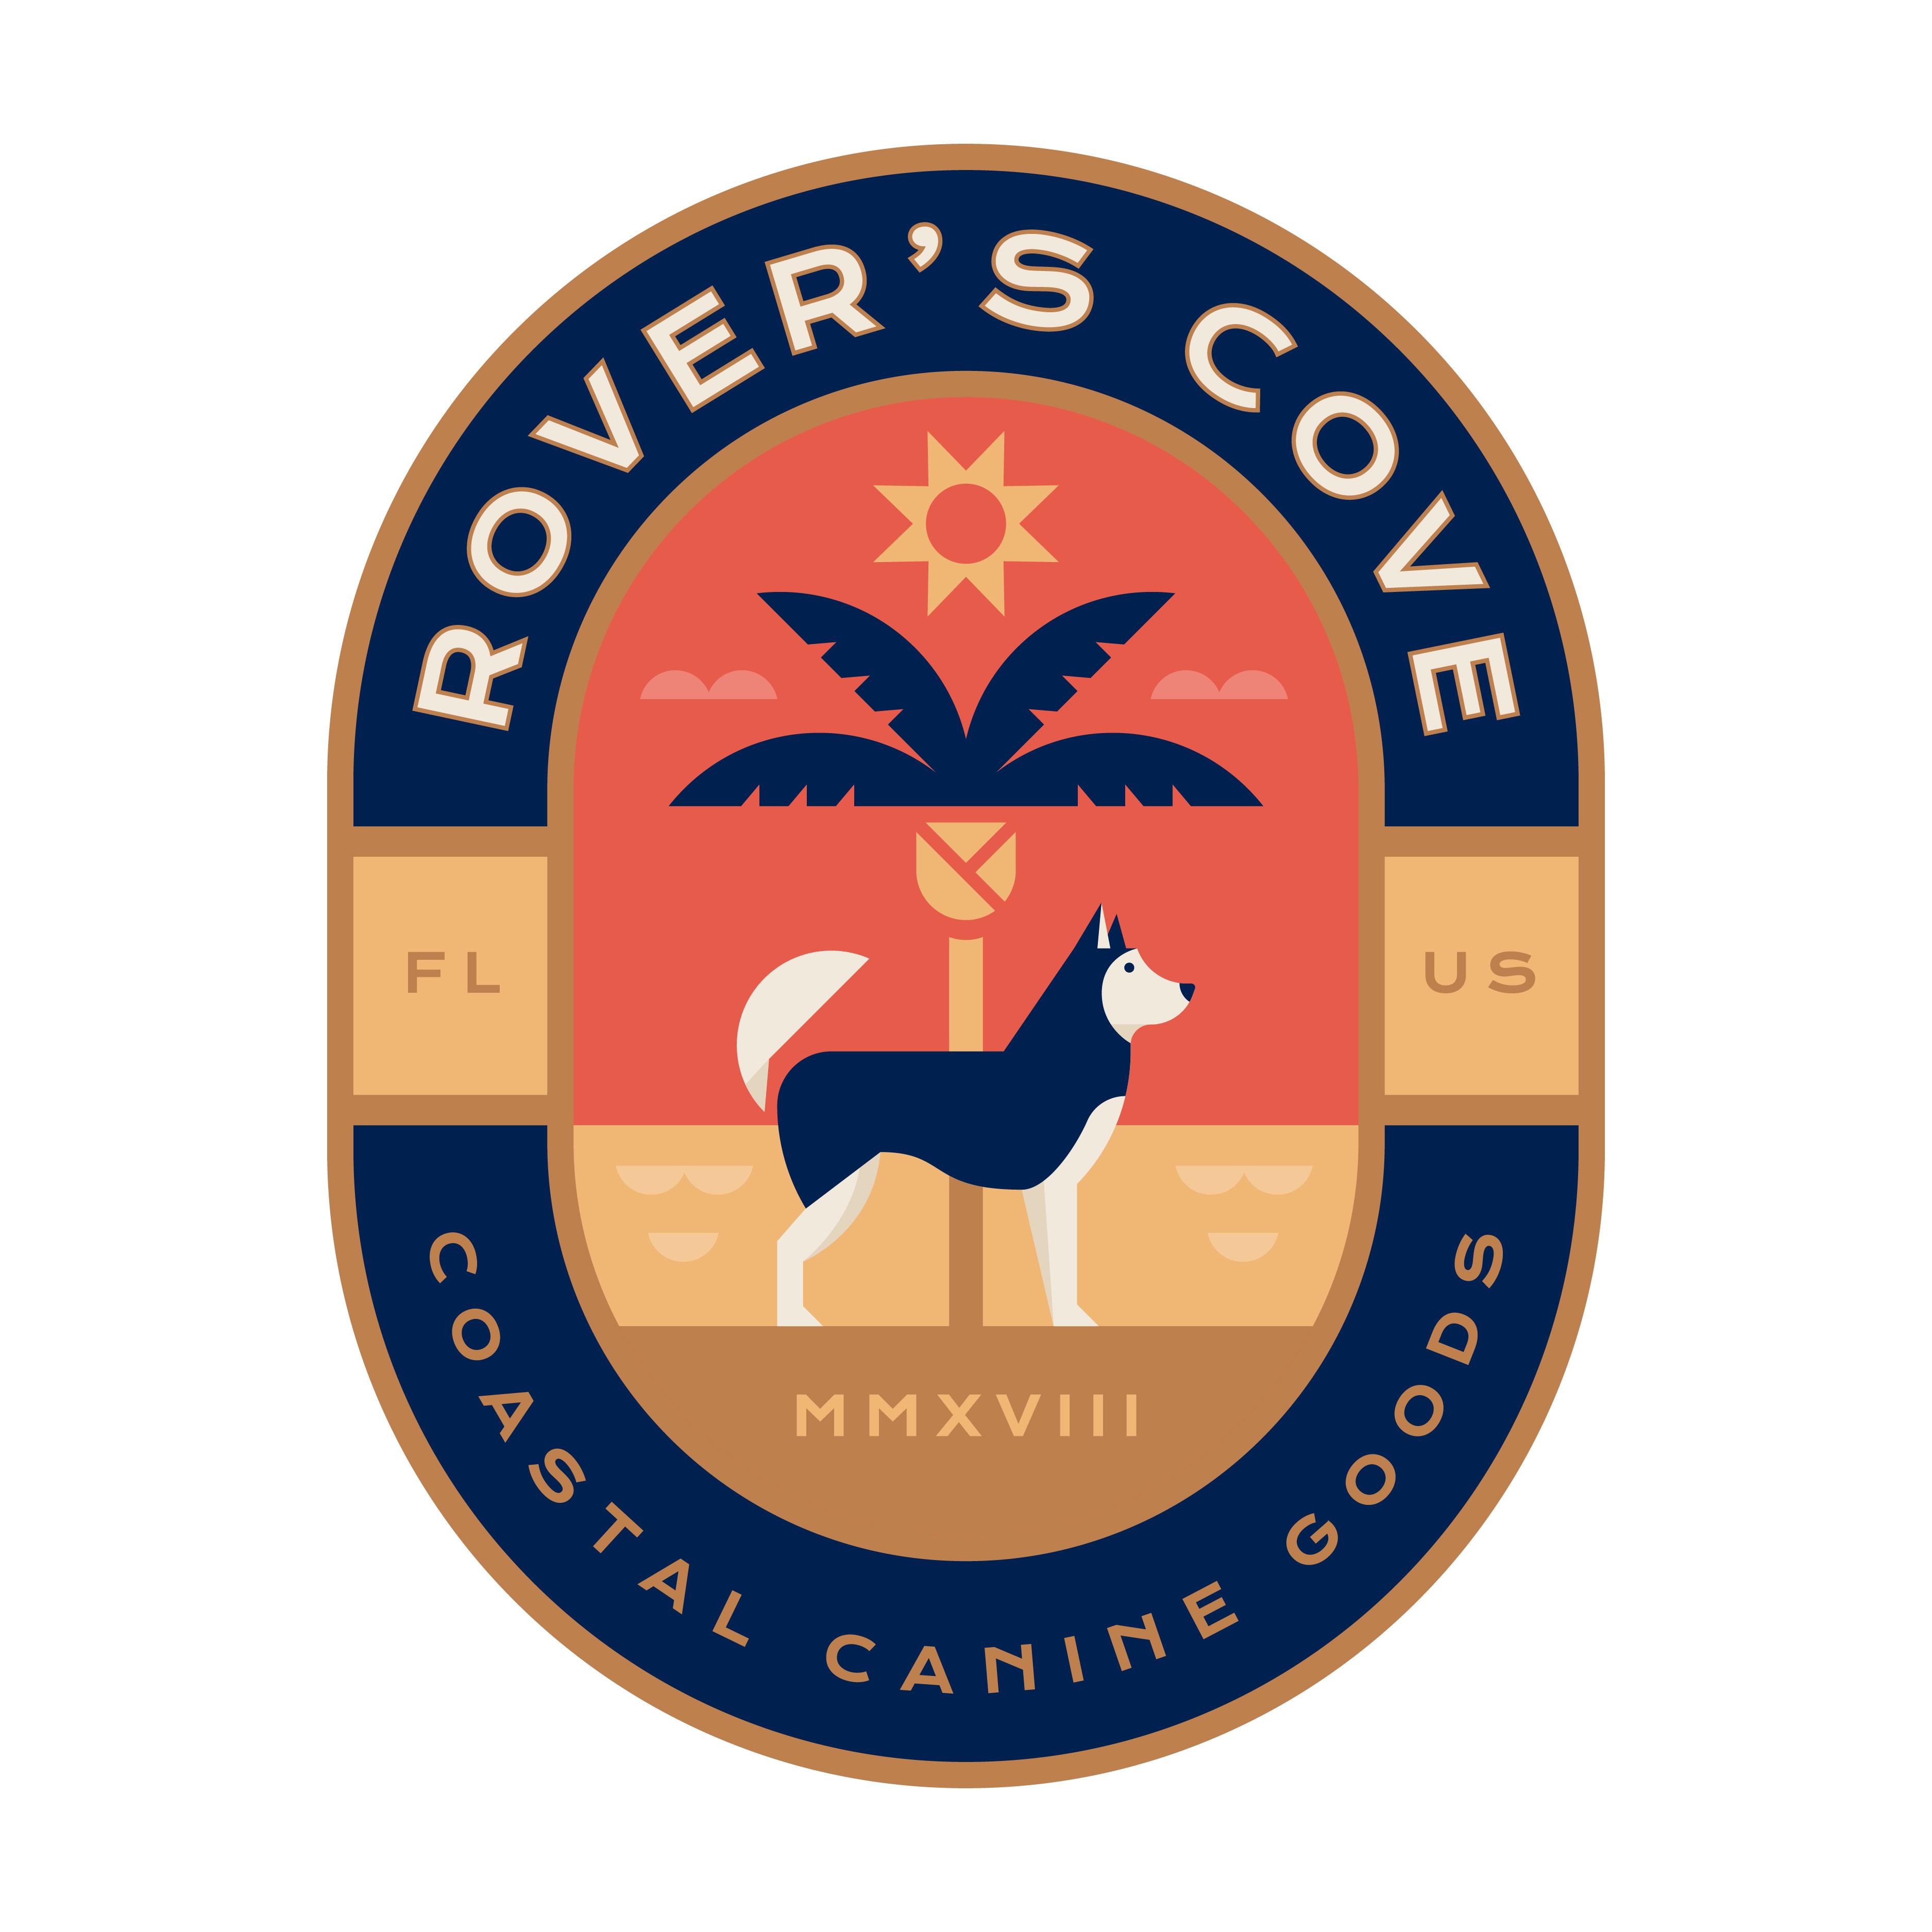 Rover's Cove